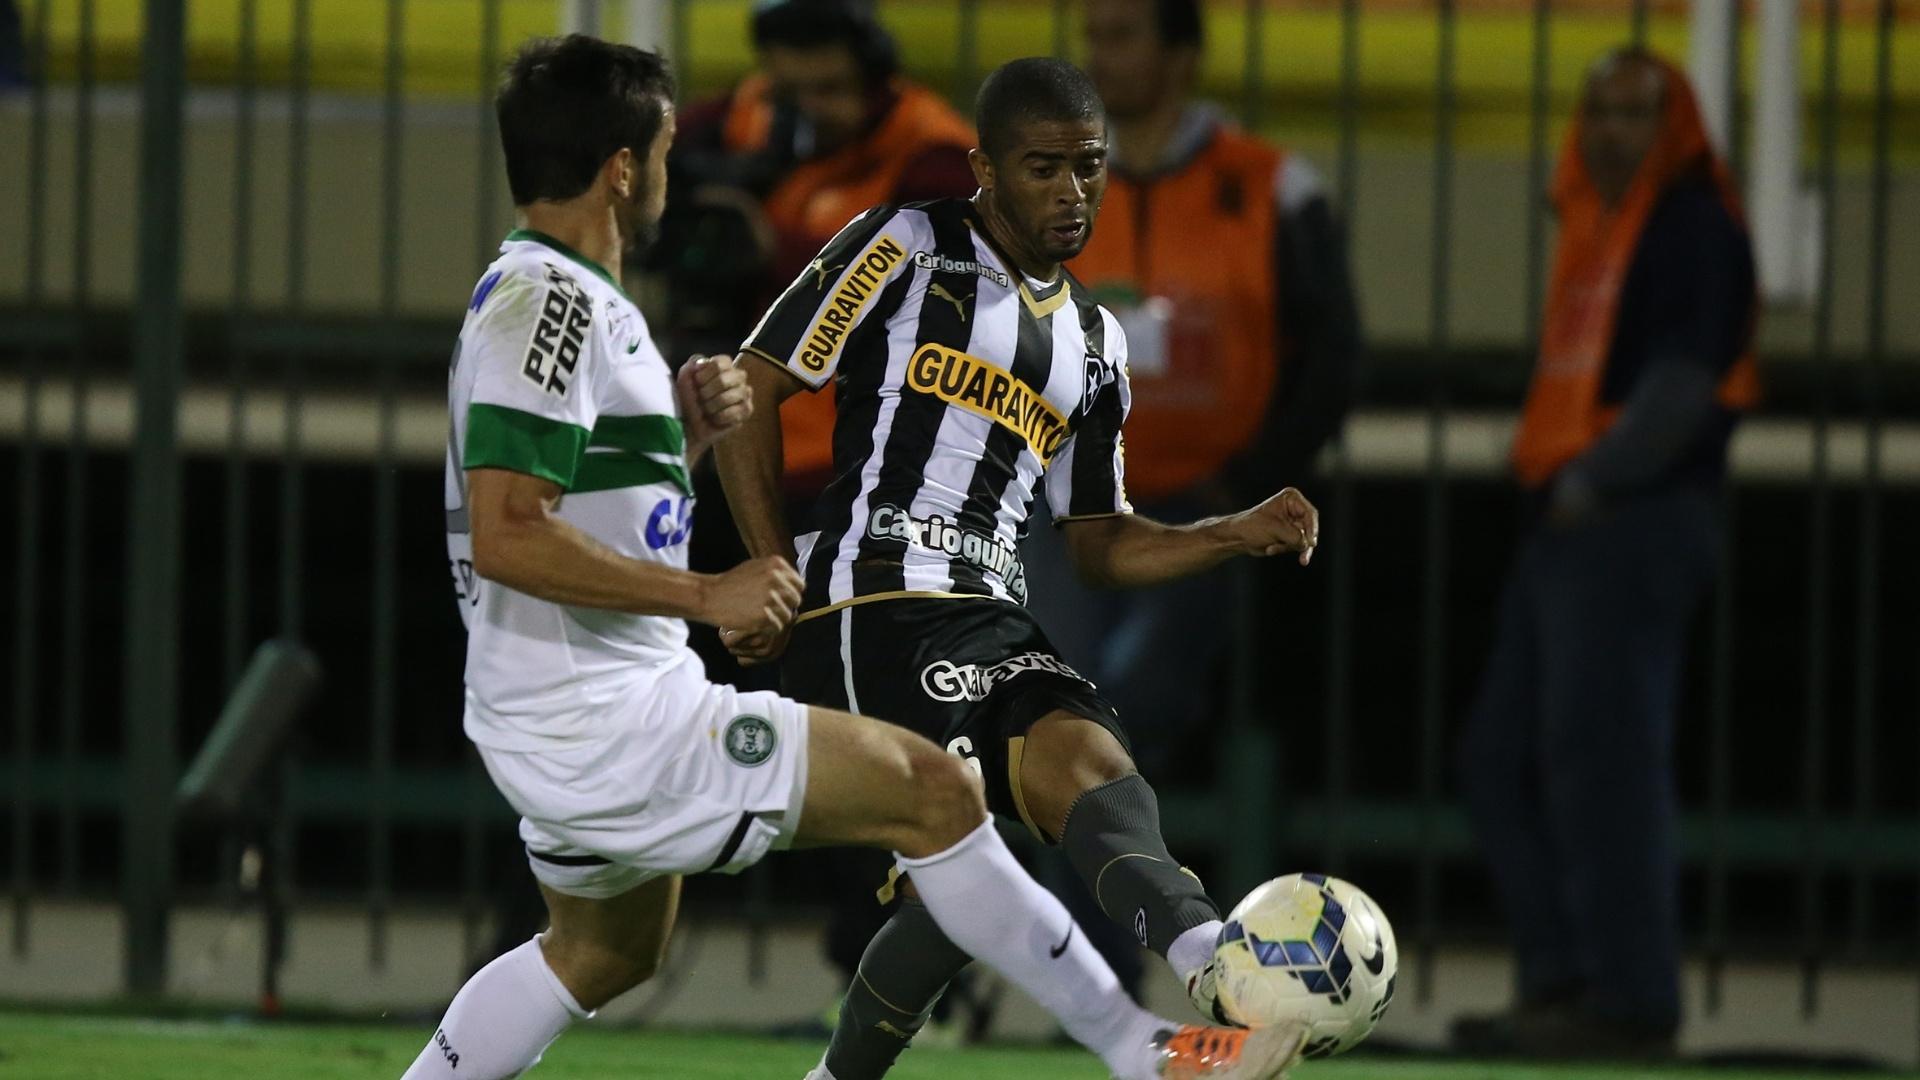 Junior Cesar, lateral esquerdo do Botafogo, tenta cruzamento durante jogo contra o Coritiba